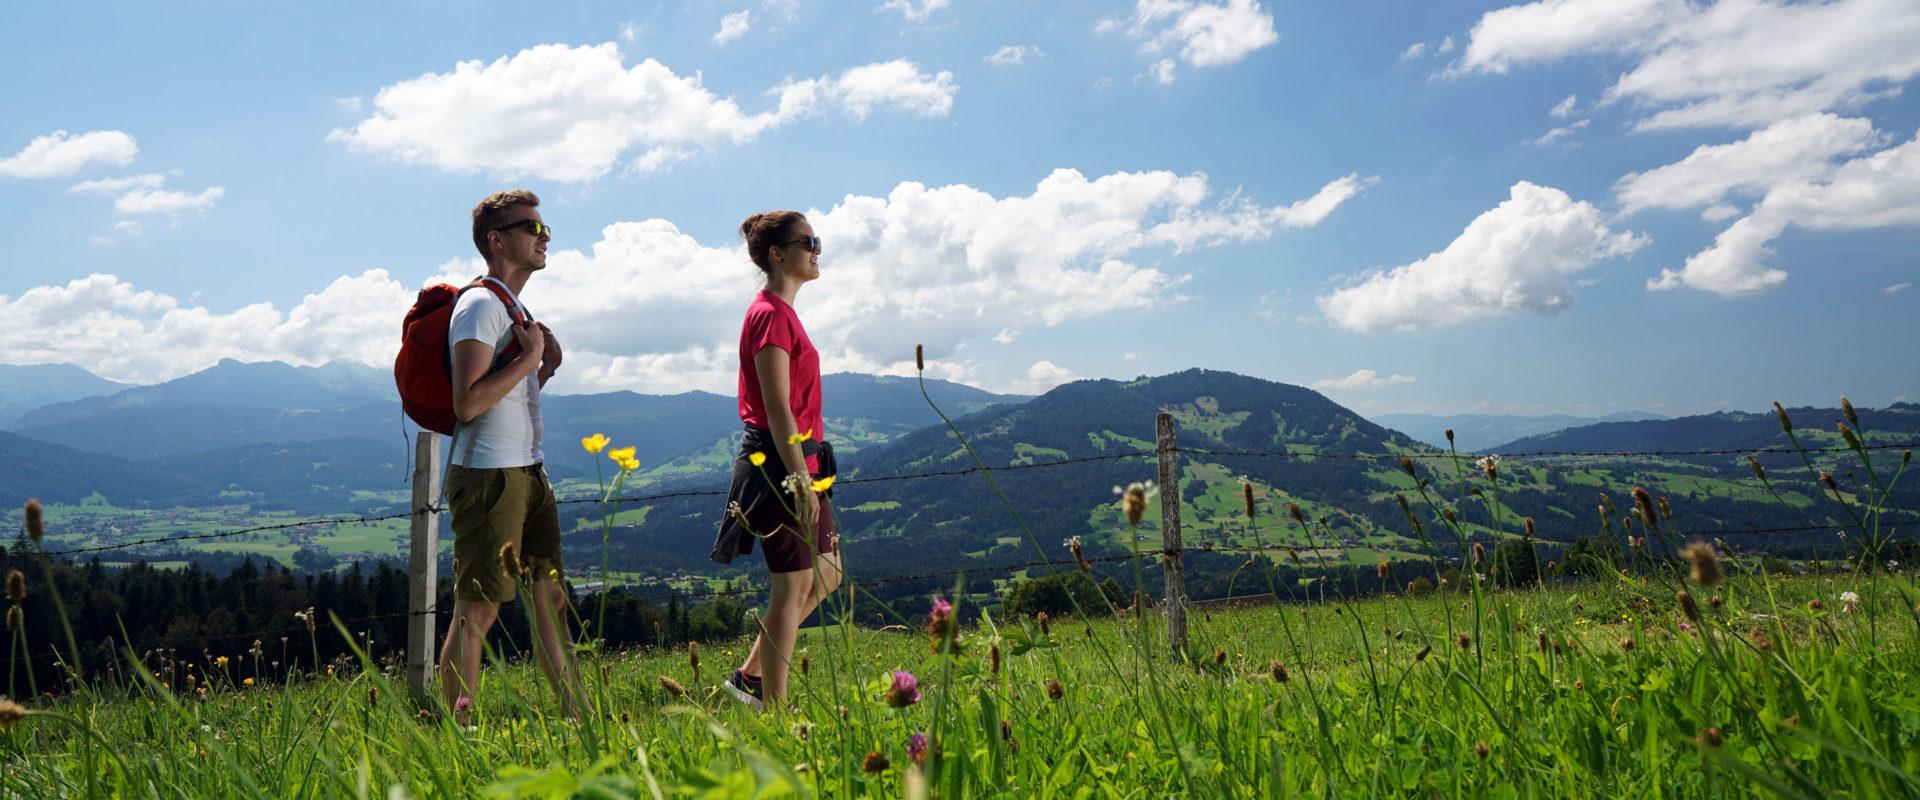 Kulinarisch Wandern Rotenberg © Ludwig Berchtold / Bregenzerwald Tourismus